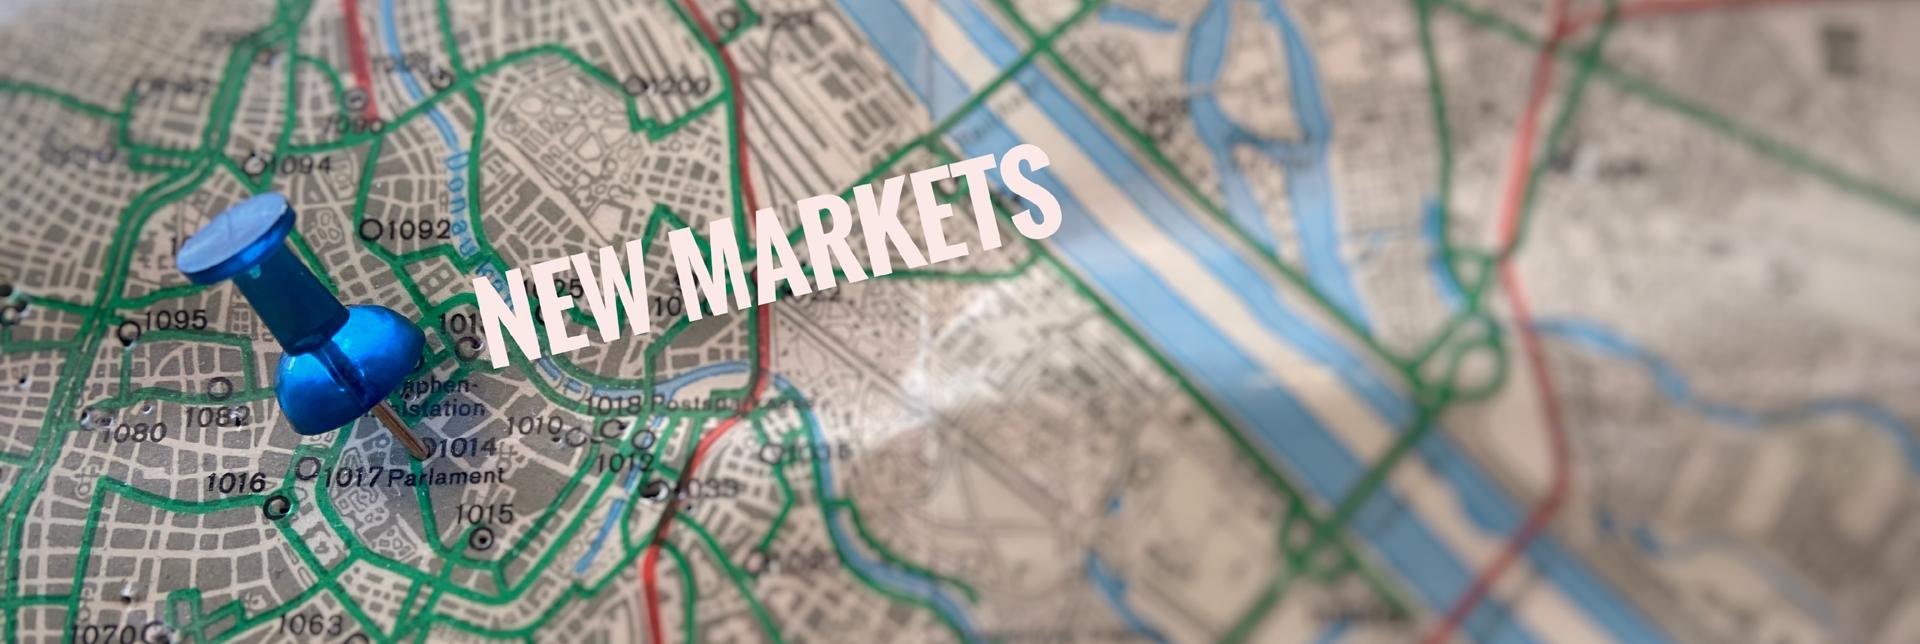 Marktpotentialanalyse mresearch marktforschung österreich austria